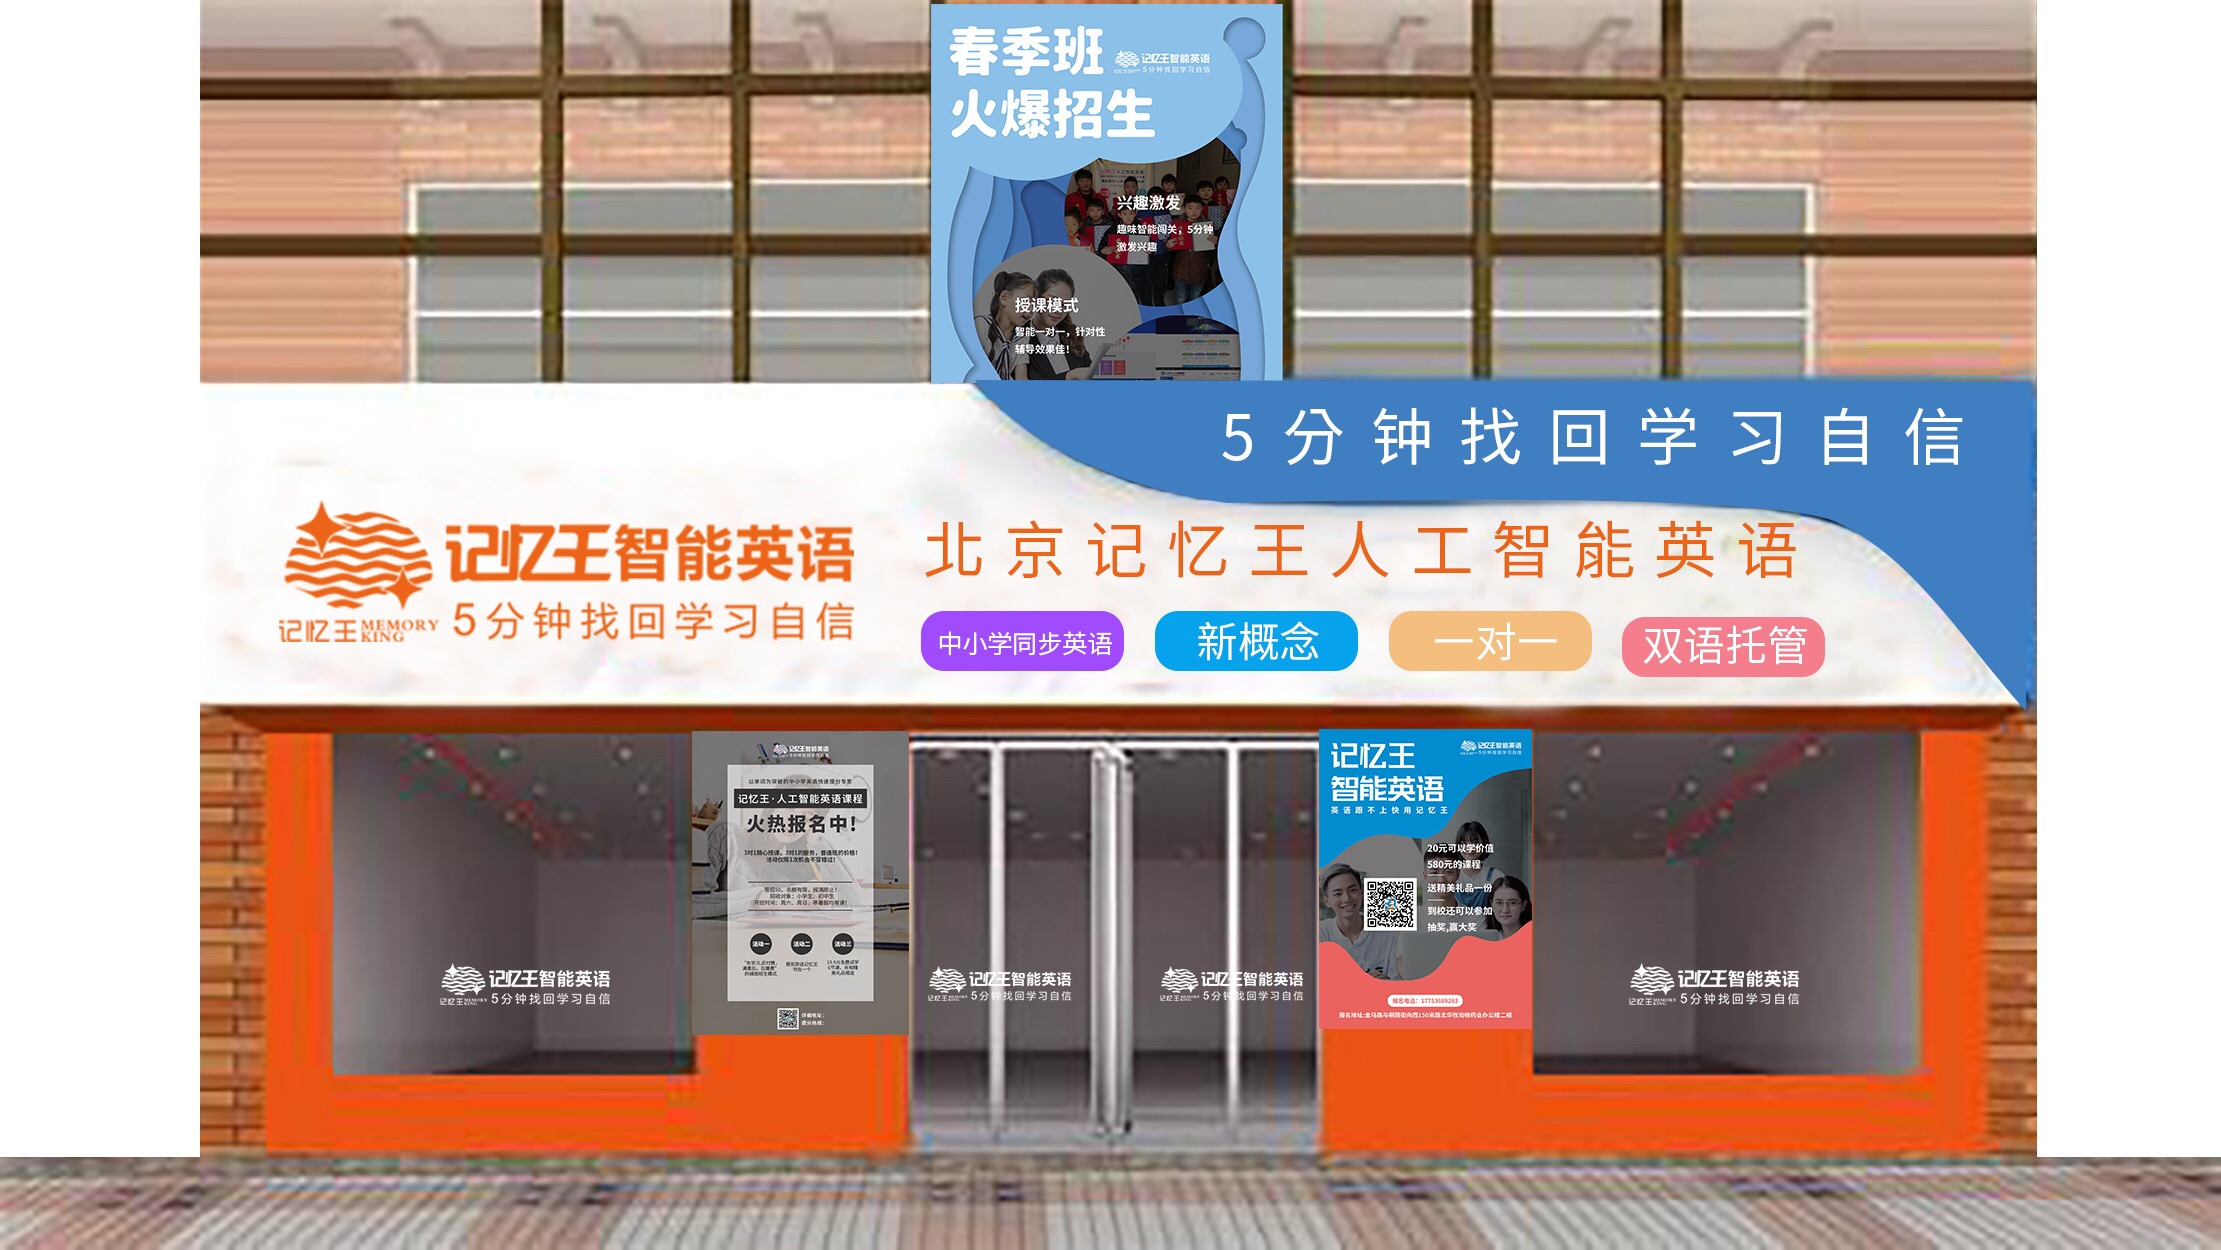 2019北京记忆王【K12人工智能教育交流峰会】